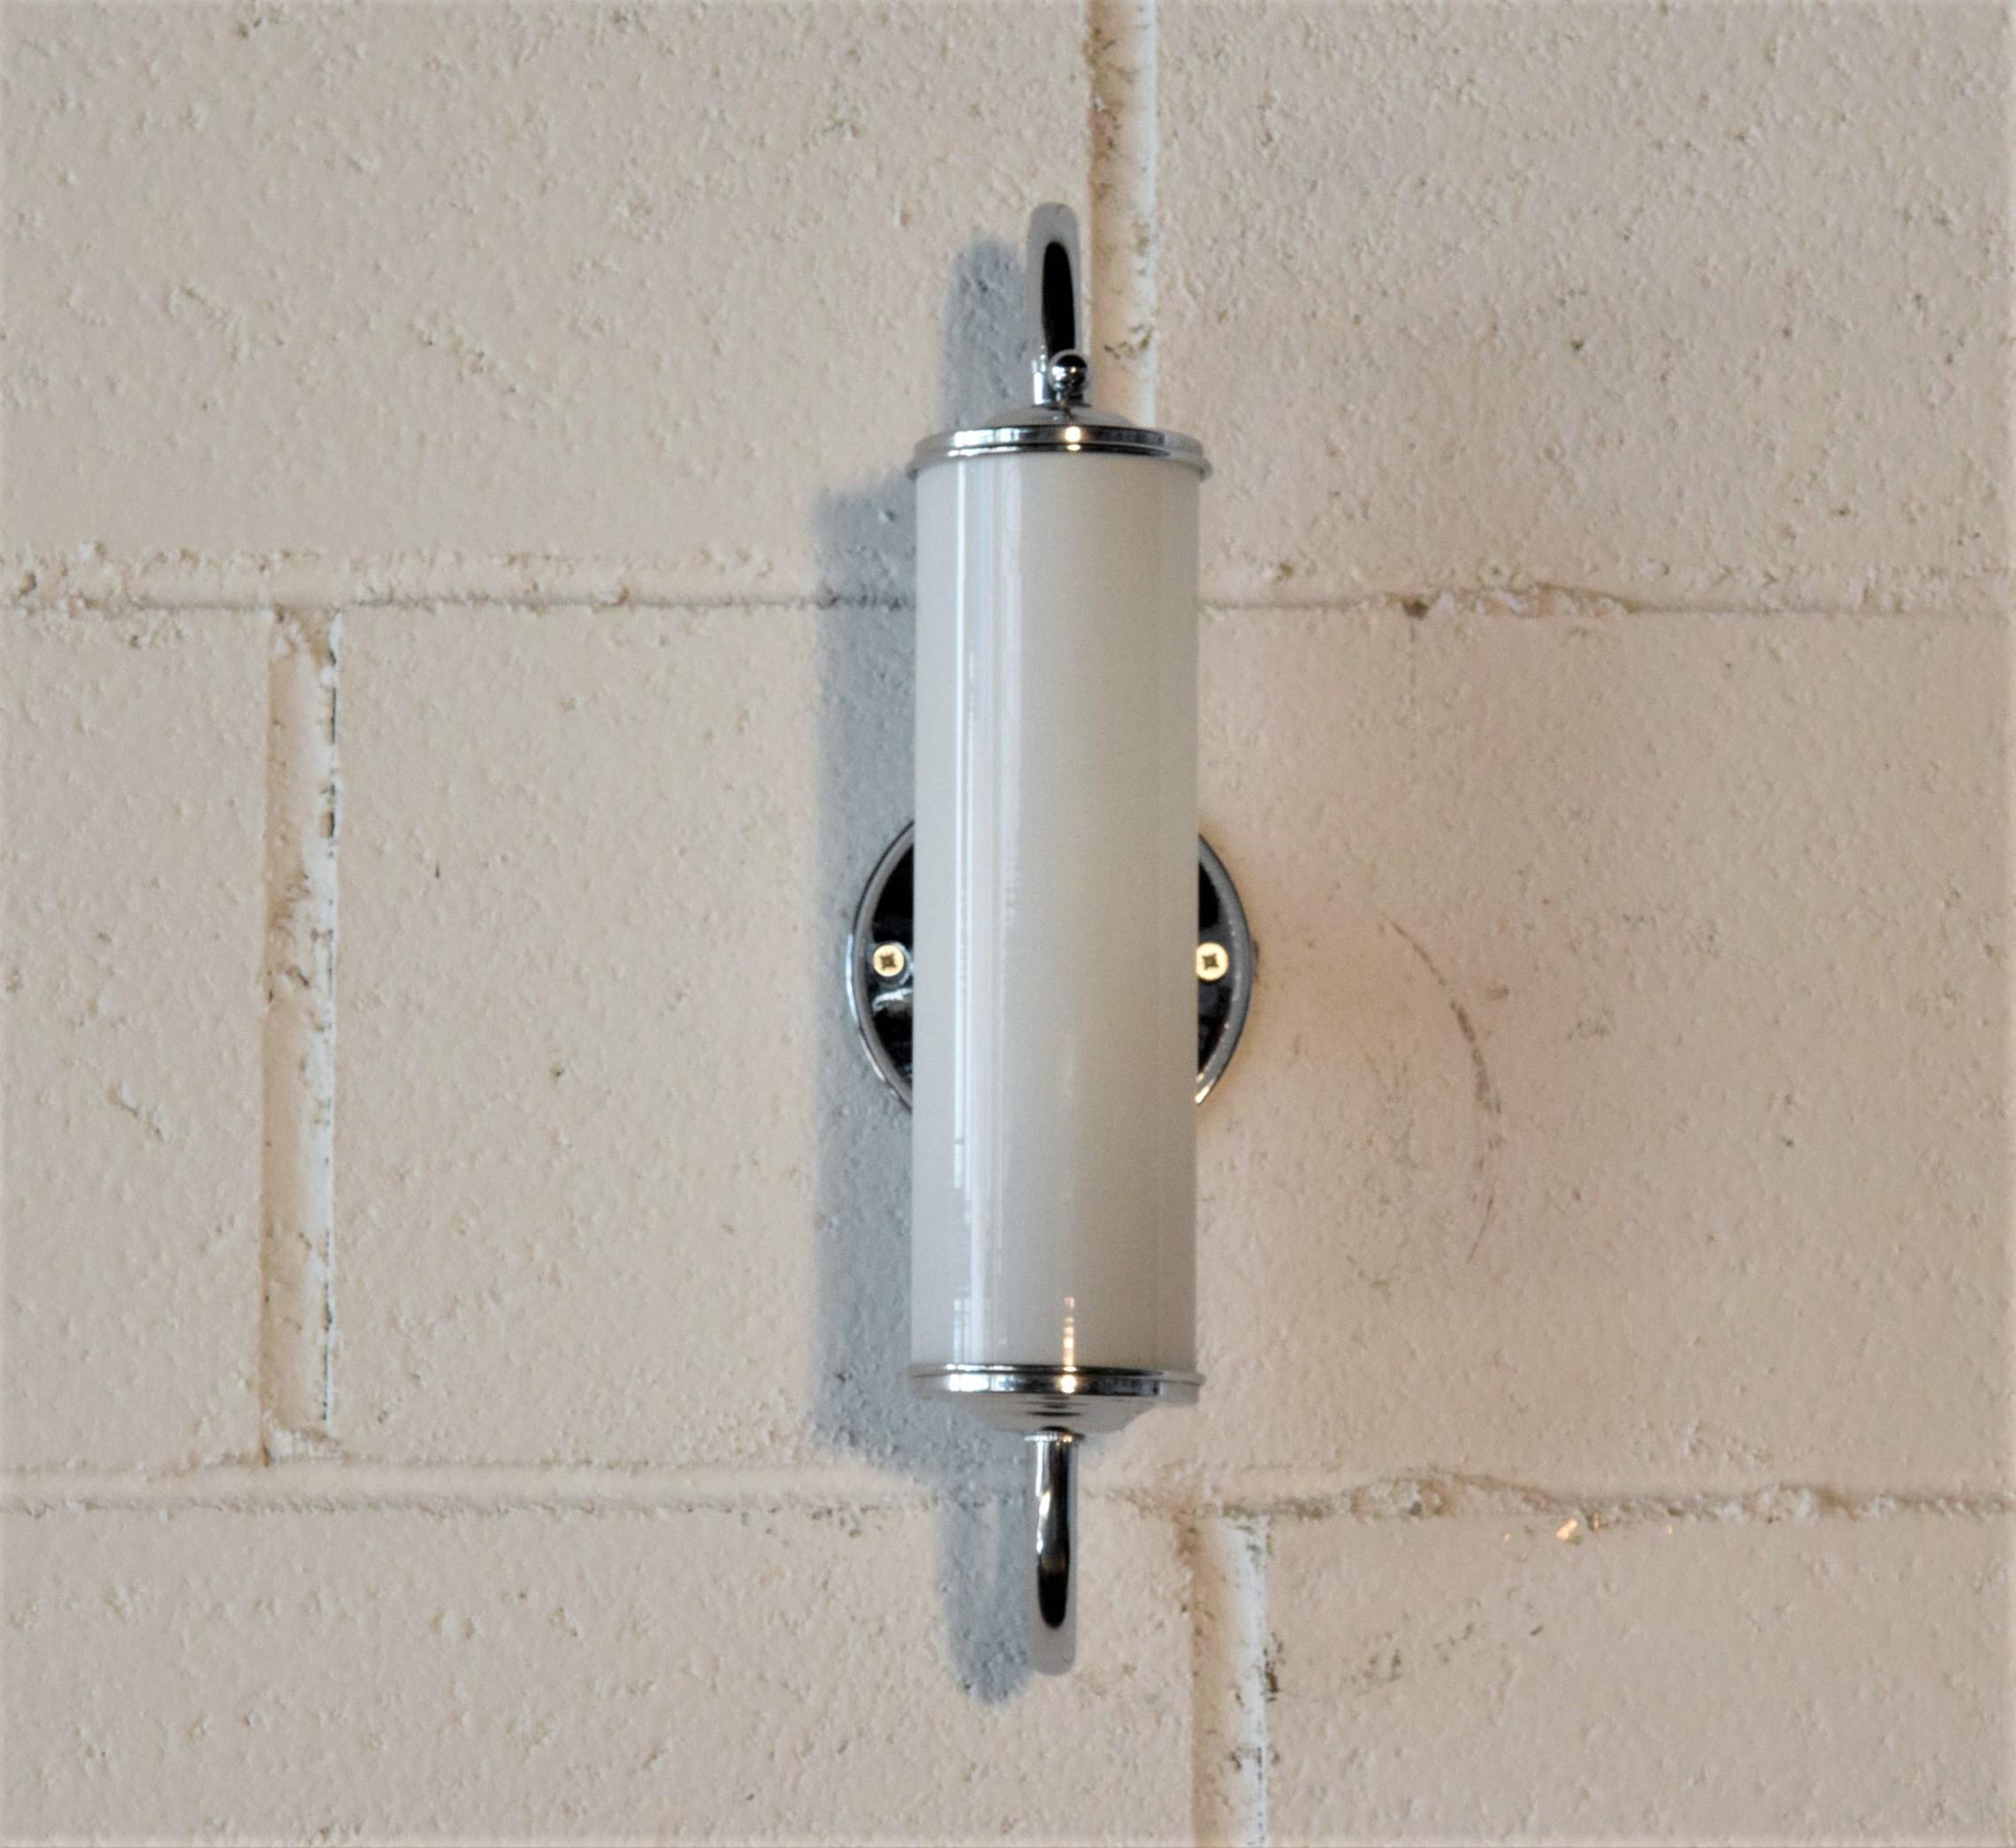 Lampade a parete applique da bagno stile inglese rossi illuminazione vicenza - Applique da bagno ...